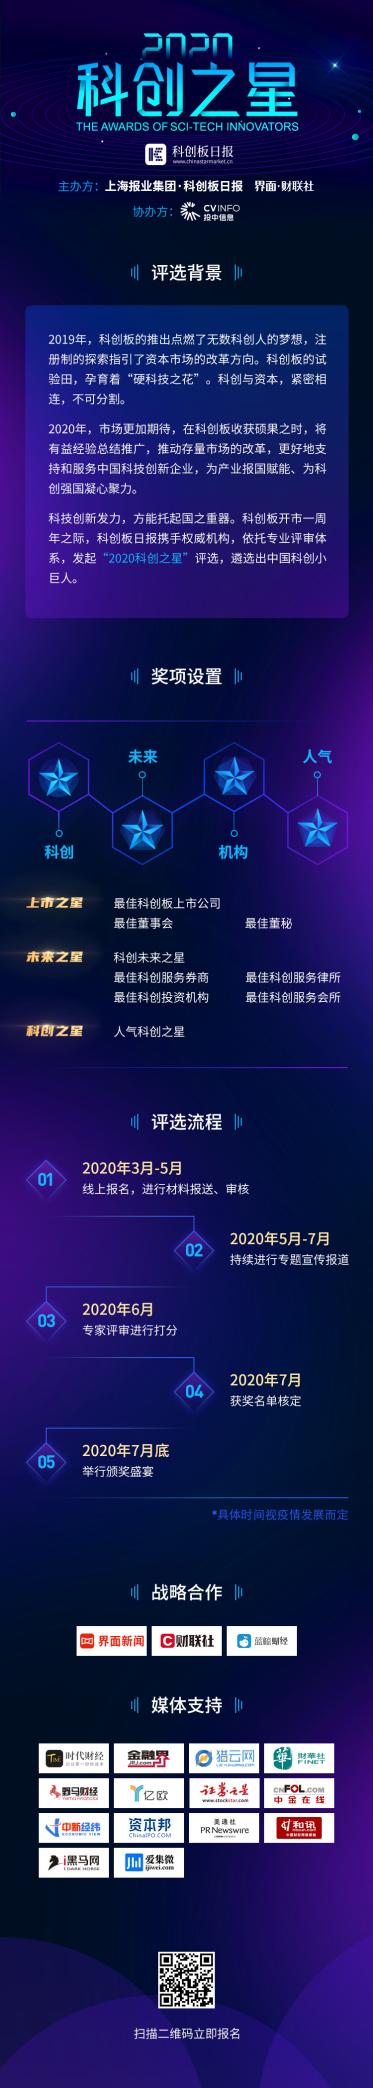 """【天狼50股票分析软件】期待与您相遇!2020""""科创之星""""评选火热报名中"""